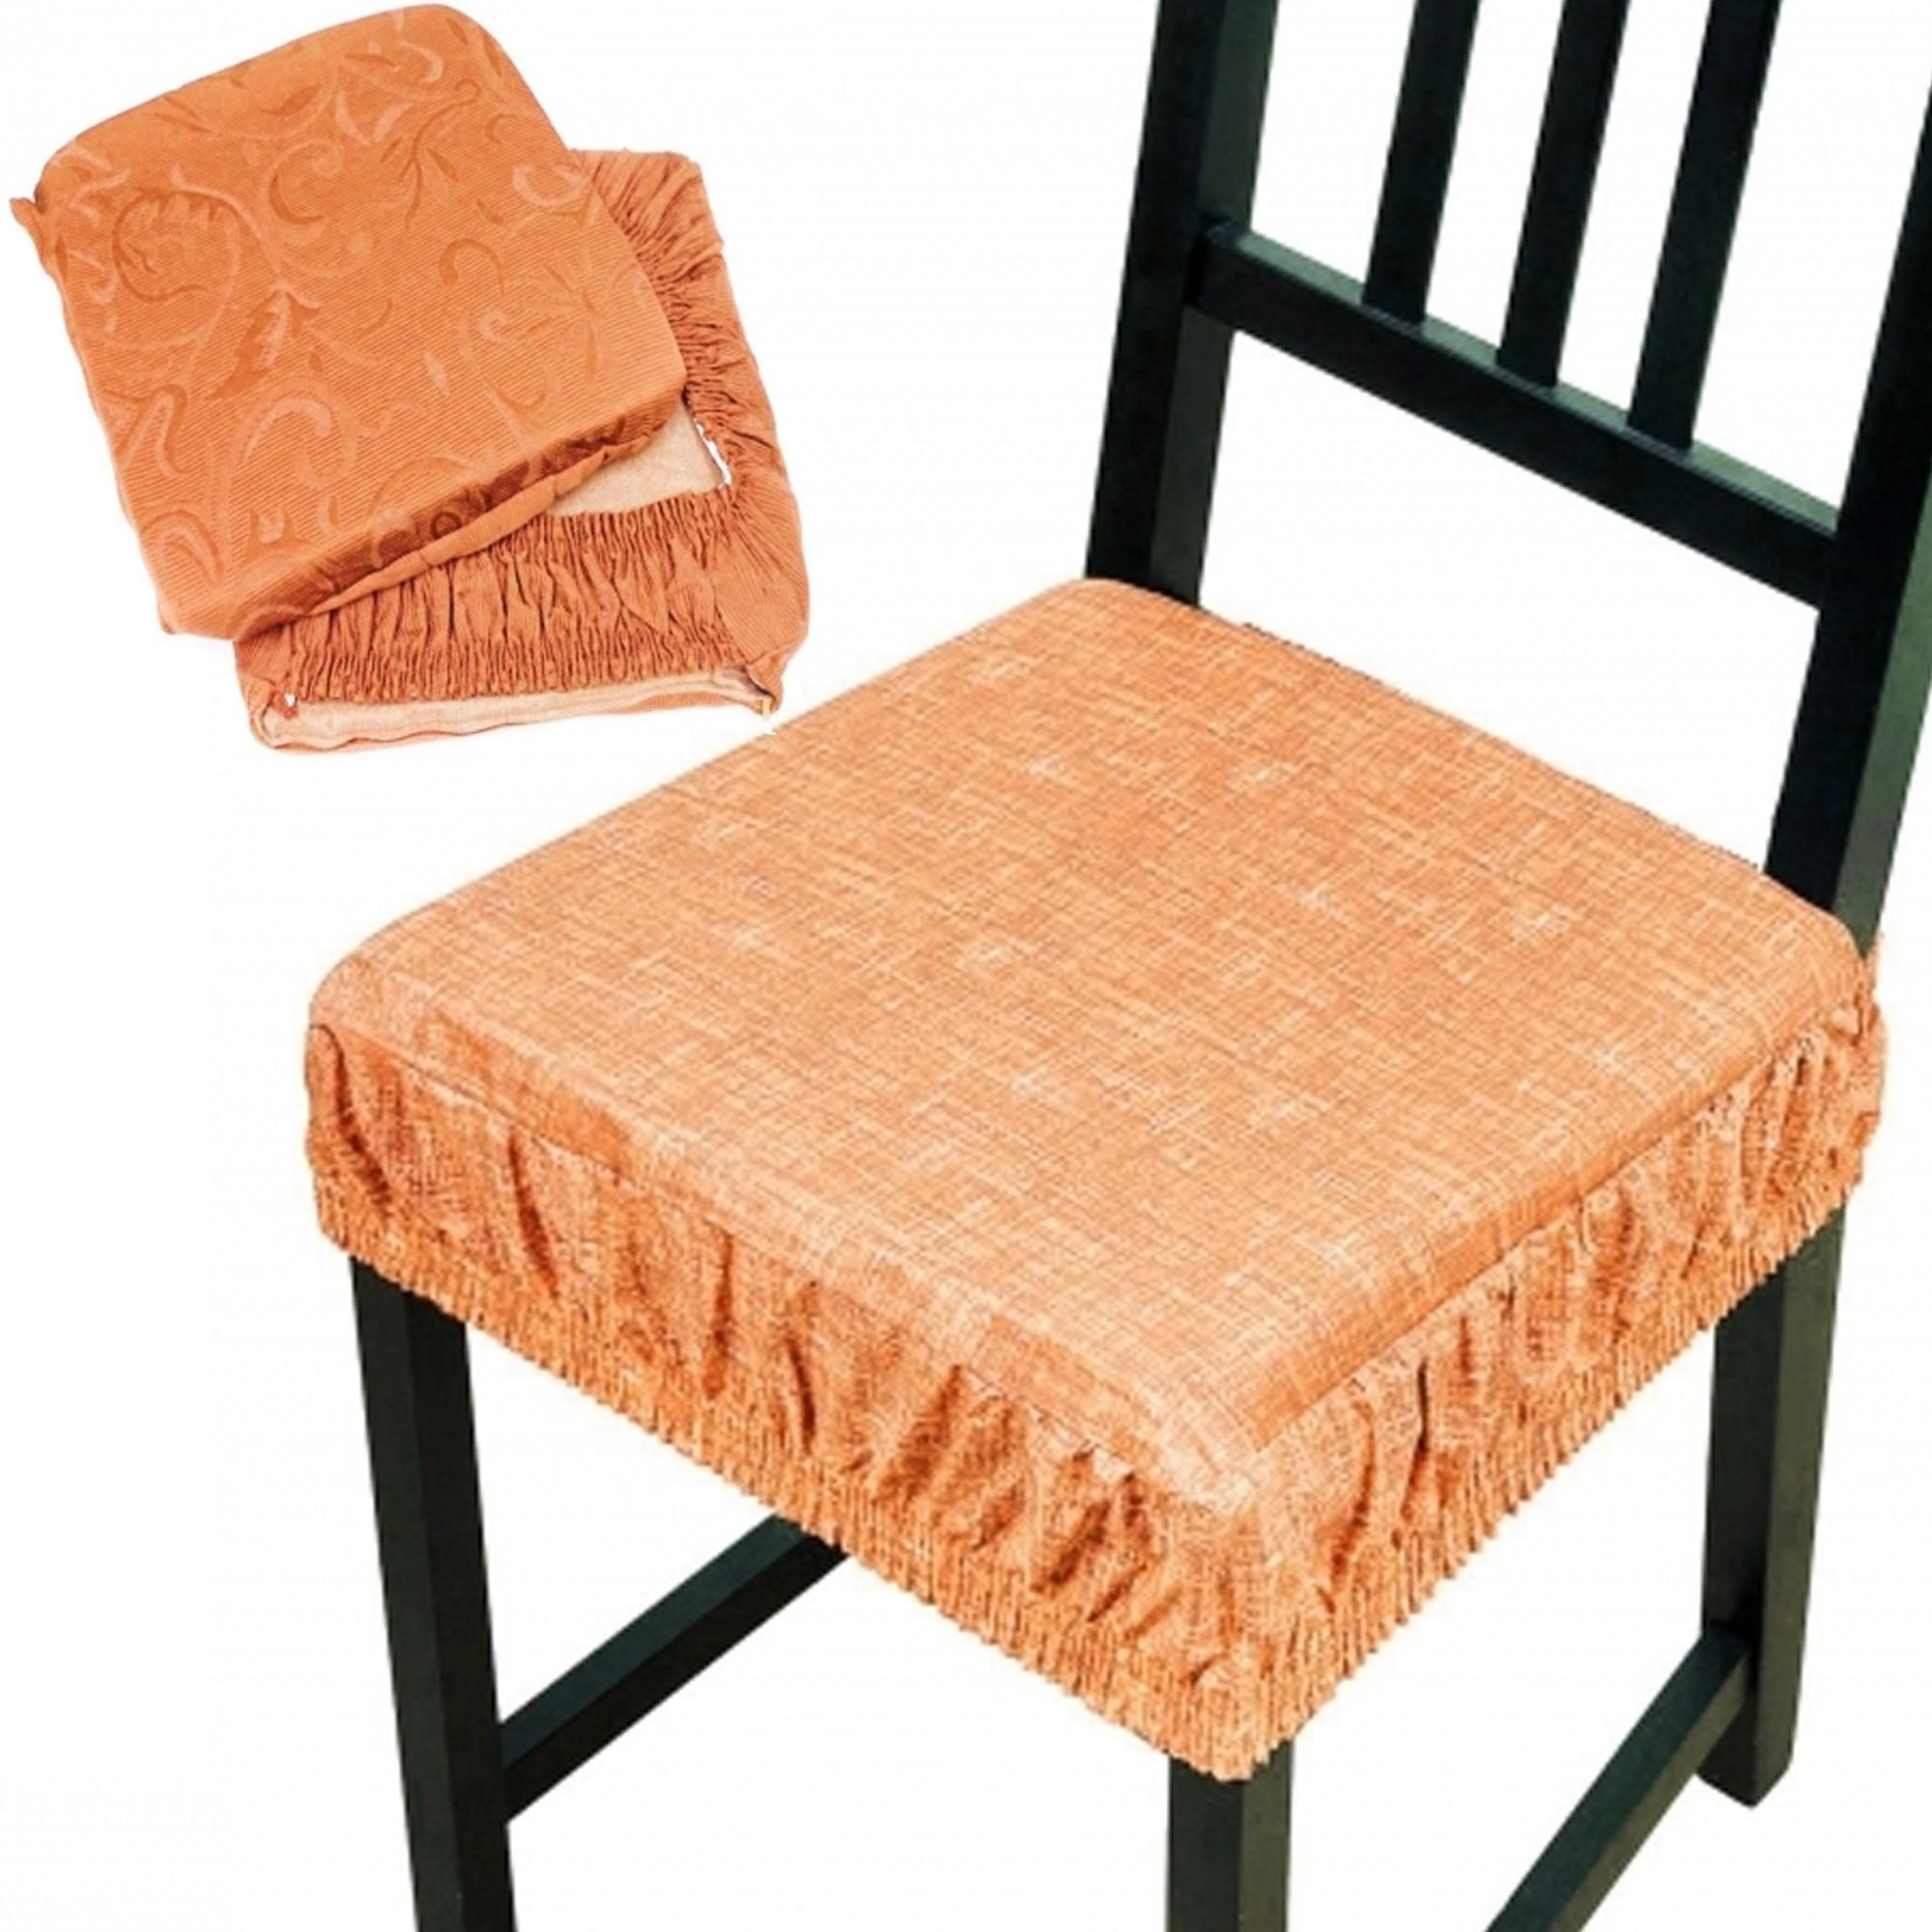 Imbottitura Cuscini Per Sedie.Set 6 Coprisedia Cuscini Con Elastico Cuscino Per Sedie Imbottito